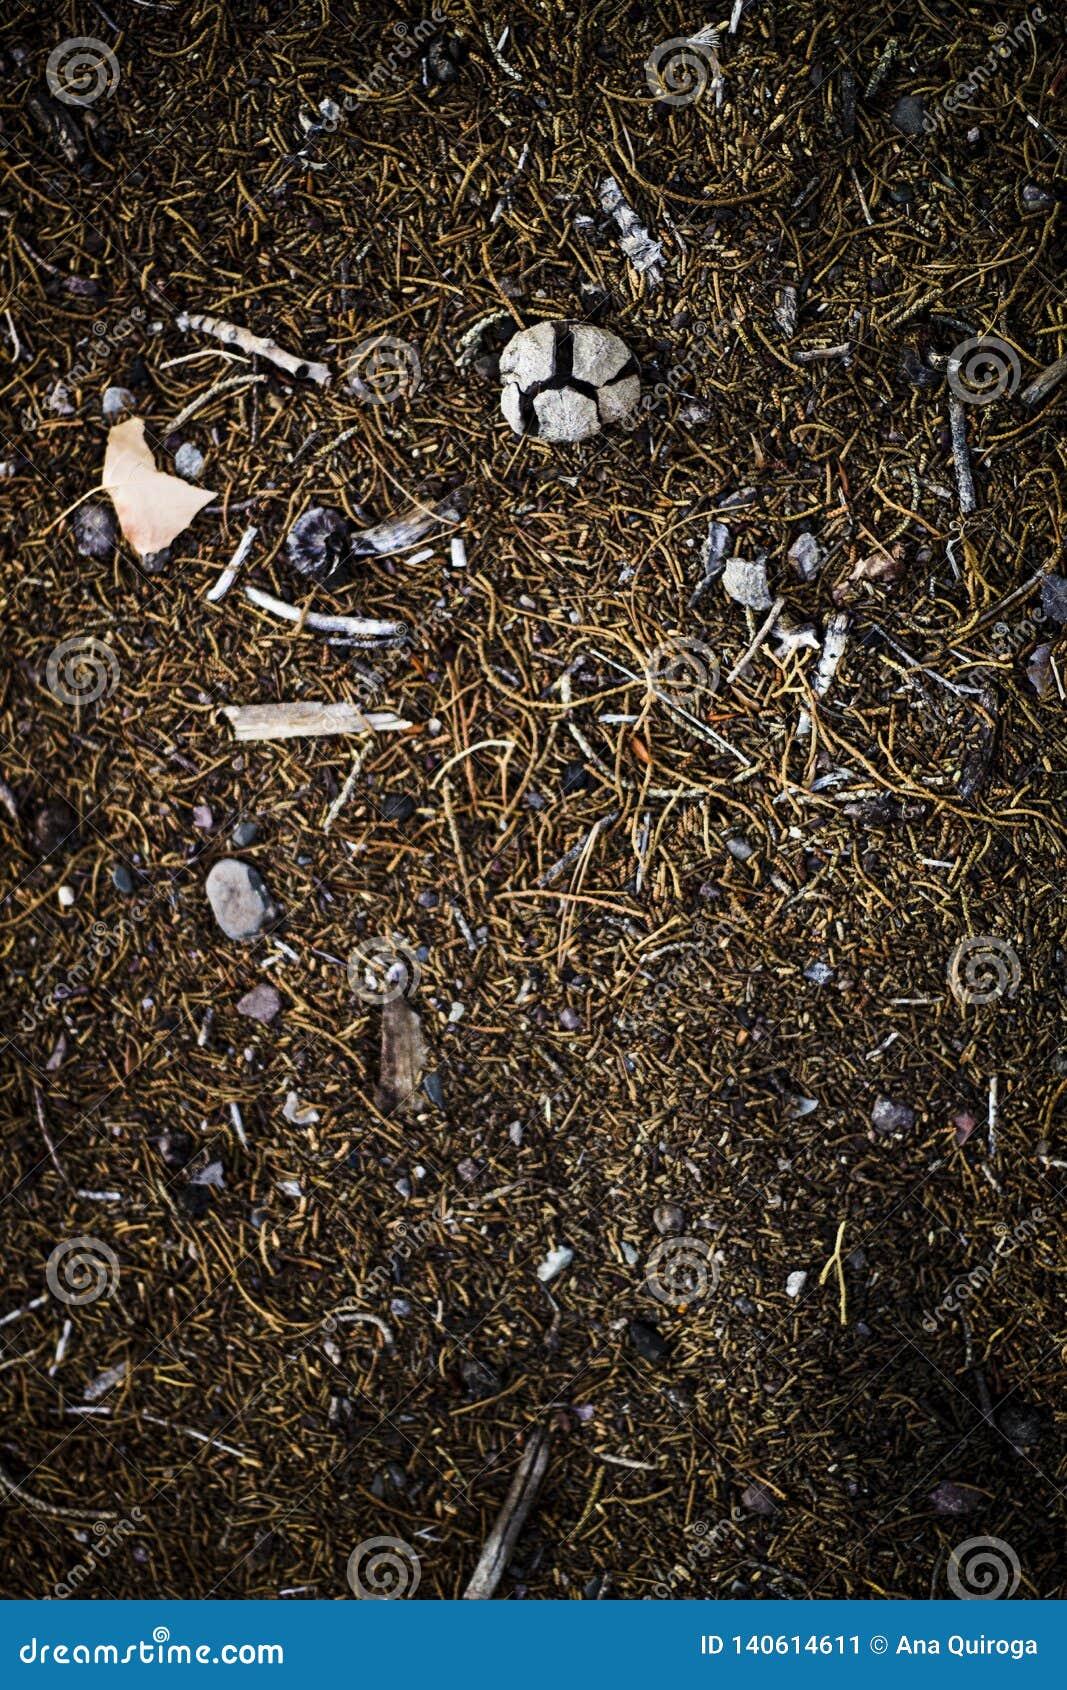 Mezcla de objetos del campo, de piedras, de tierra oscura, de palillos y de ramas de árbol